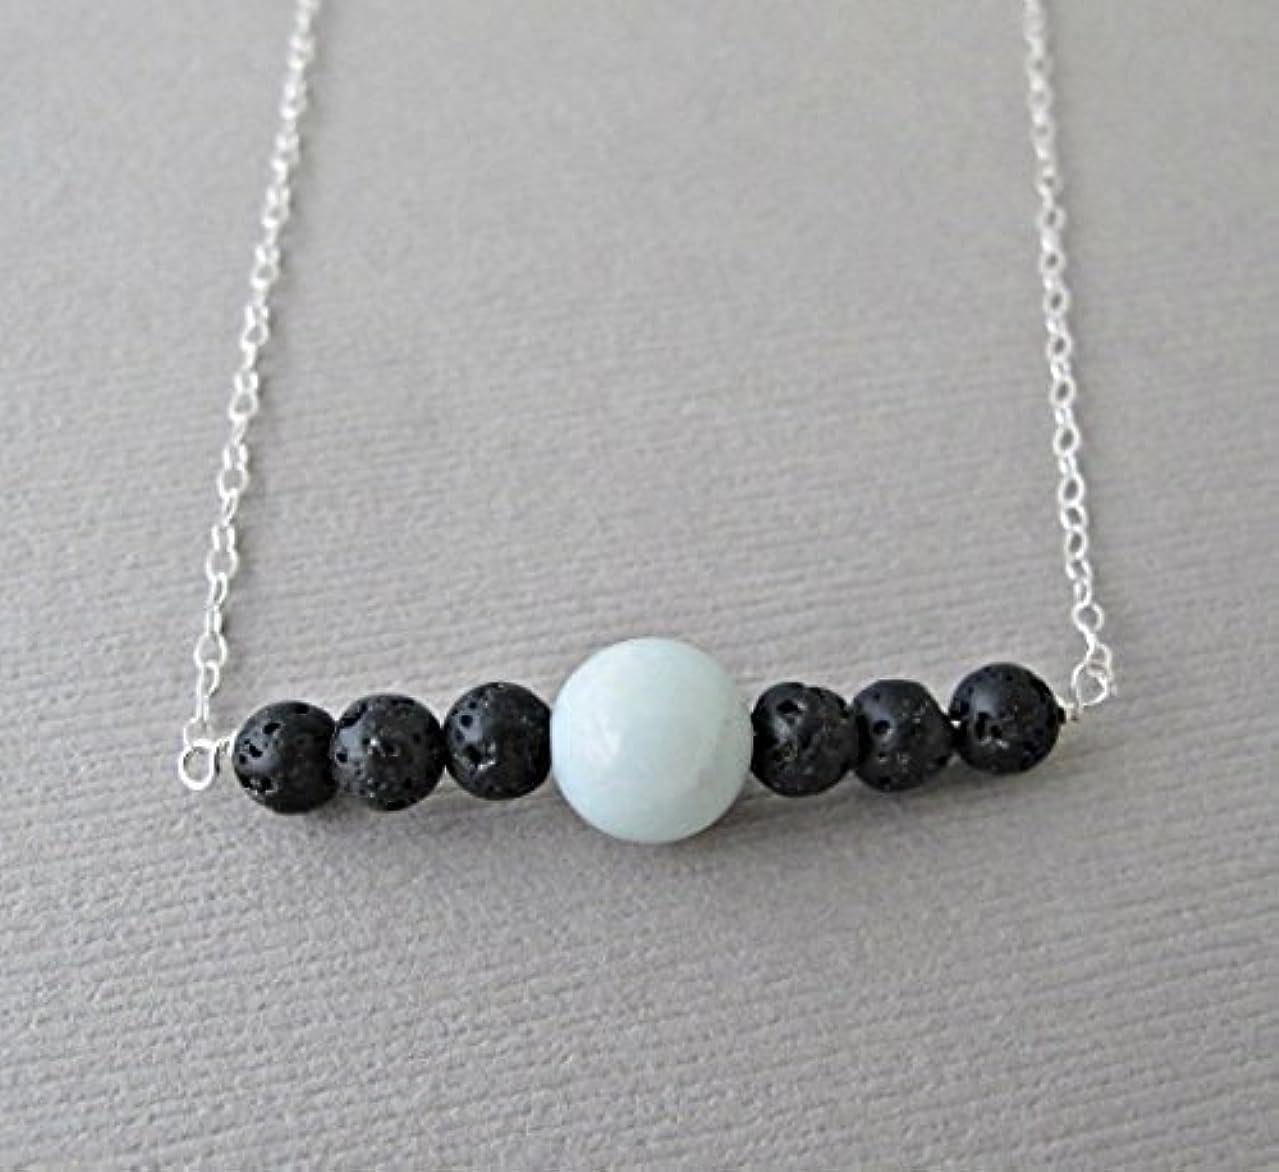 徴収全体に段落Blue Chalodony Lava Pendant Essential Oil Necklace Diffuser Aromatherapy - Simple Minimalist Lava Bead Diffuser...